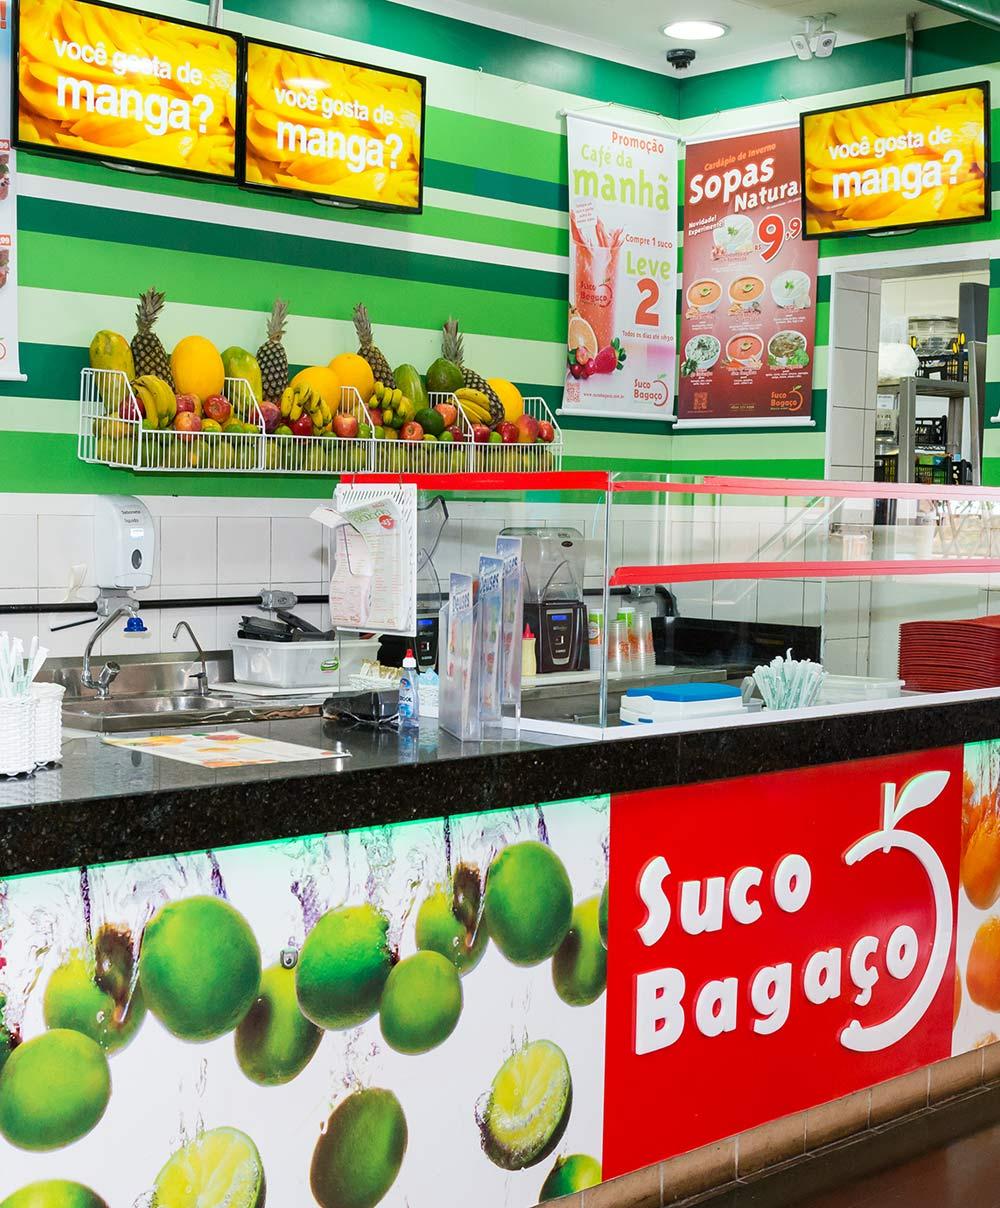 suco-bagaco2